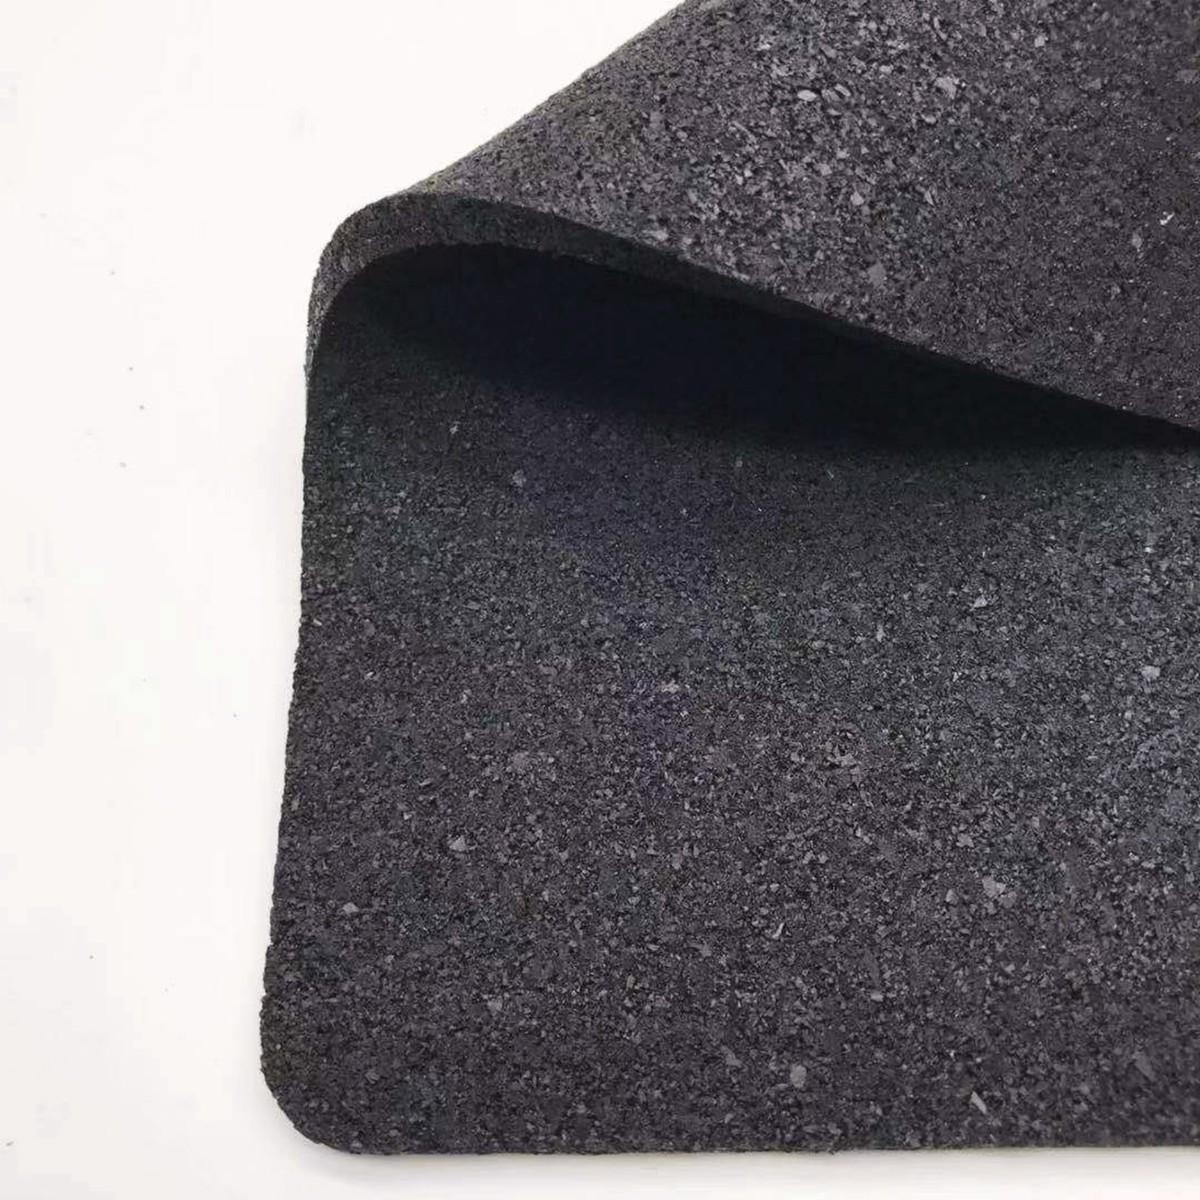 5厚橡胶隔音垫,酒店隔音减震专用,橡胶隔声垫,橡胶隔音地垫